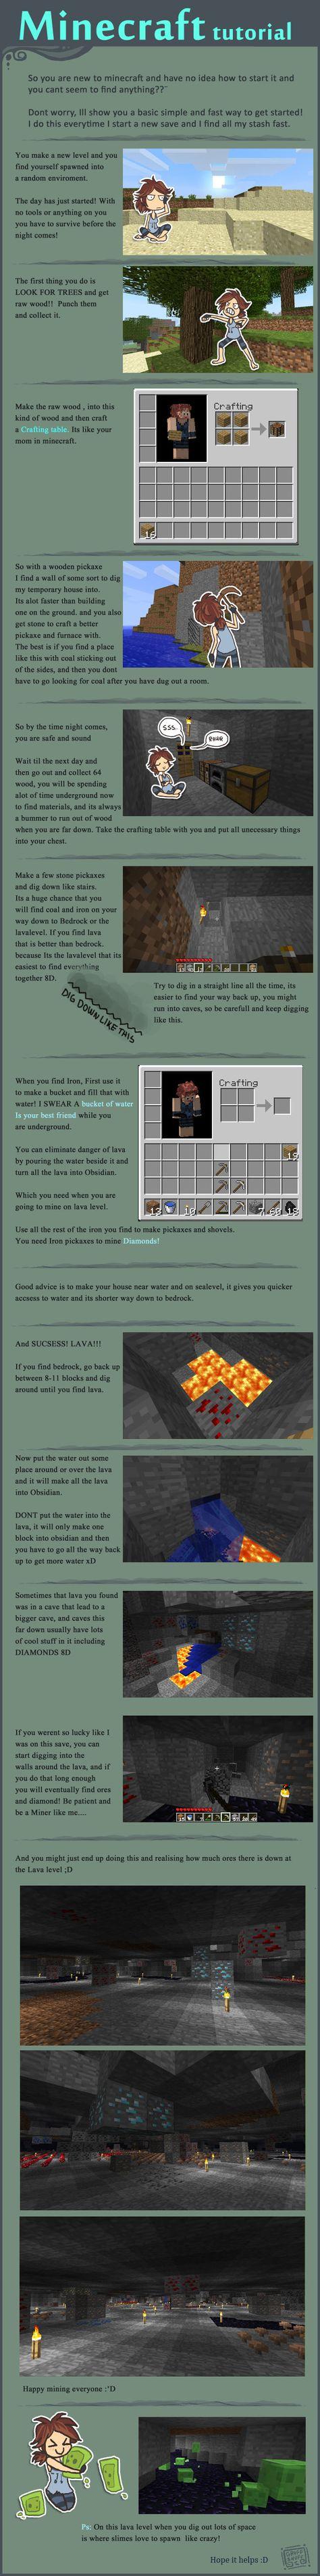 72fb6332ed5d6864a7716608bb1dd583 minecraft hacks minecraft cheats